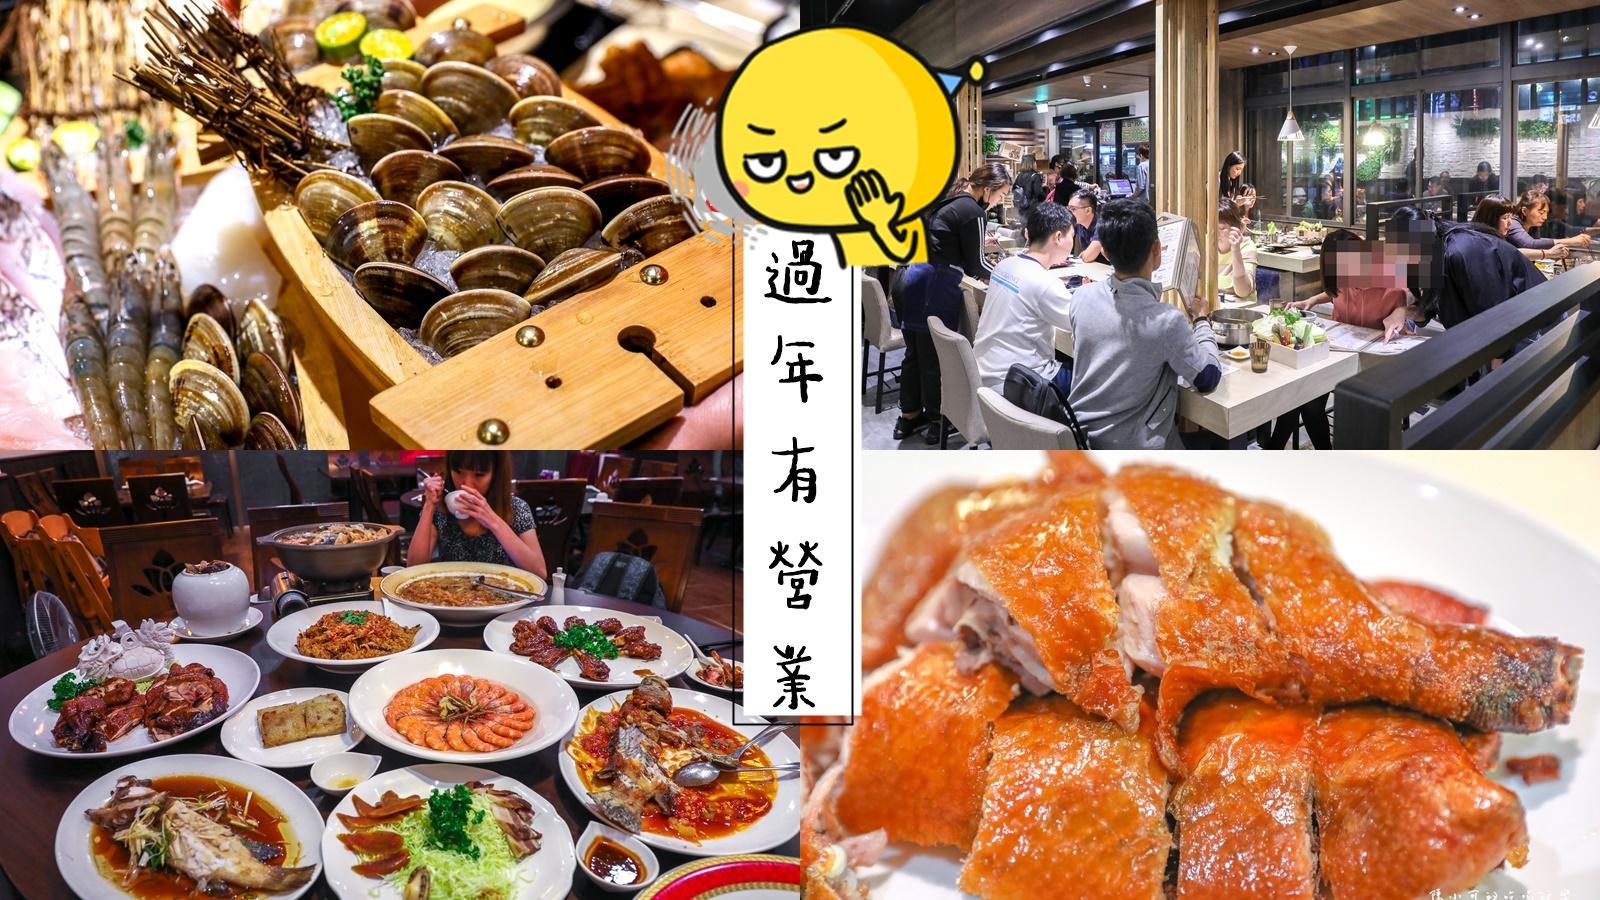 台北過年營業餐廳,過年有營業餐廳,2020有營業的餐廳,2020有營業的店家,2021有營業的餐廳